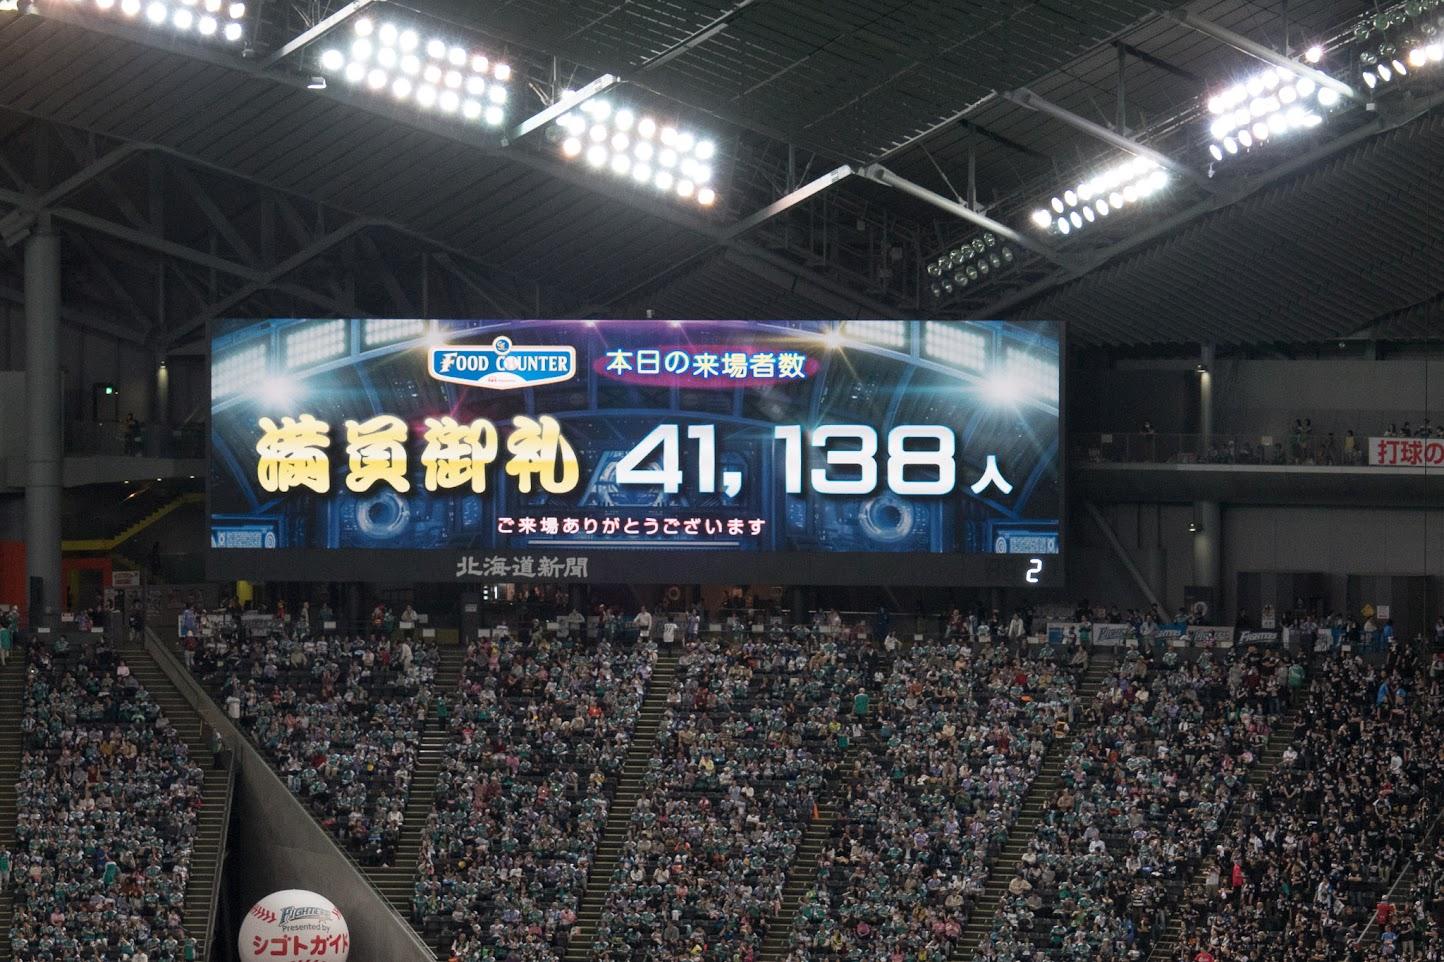 満員御礼・41,138万人